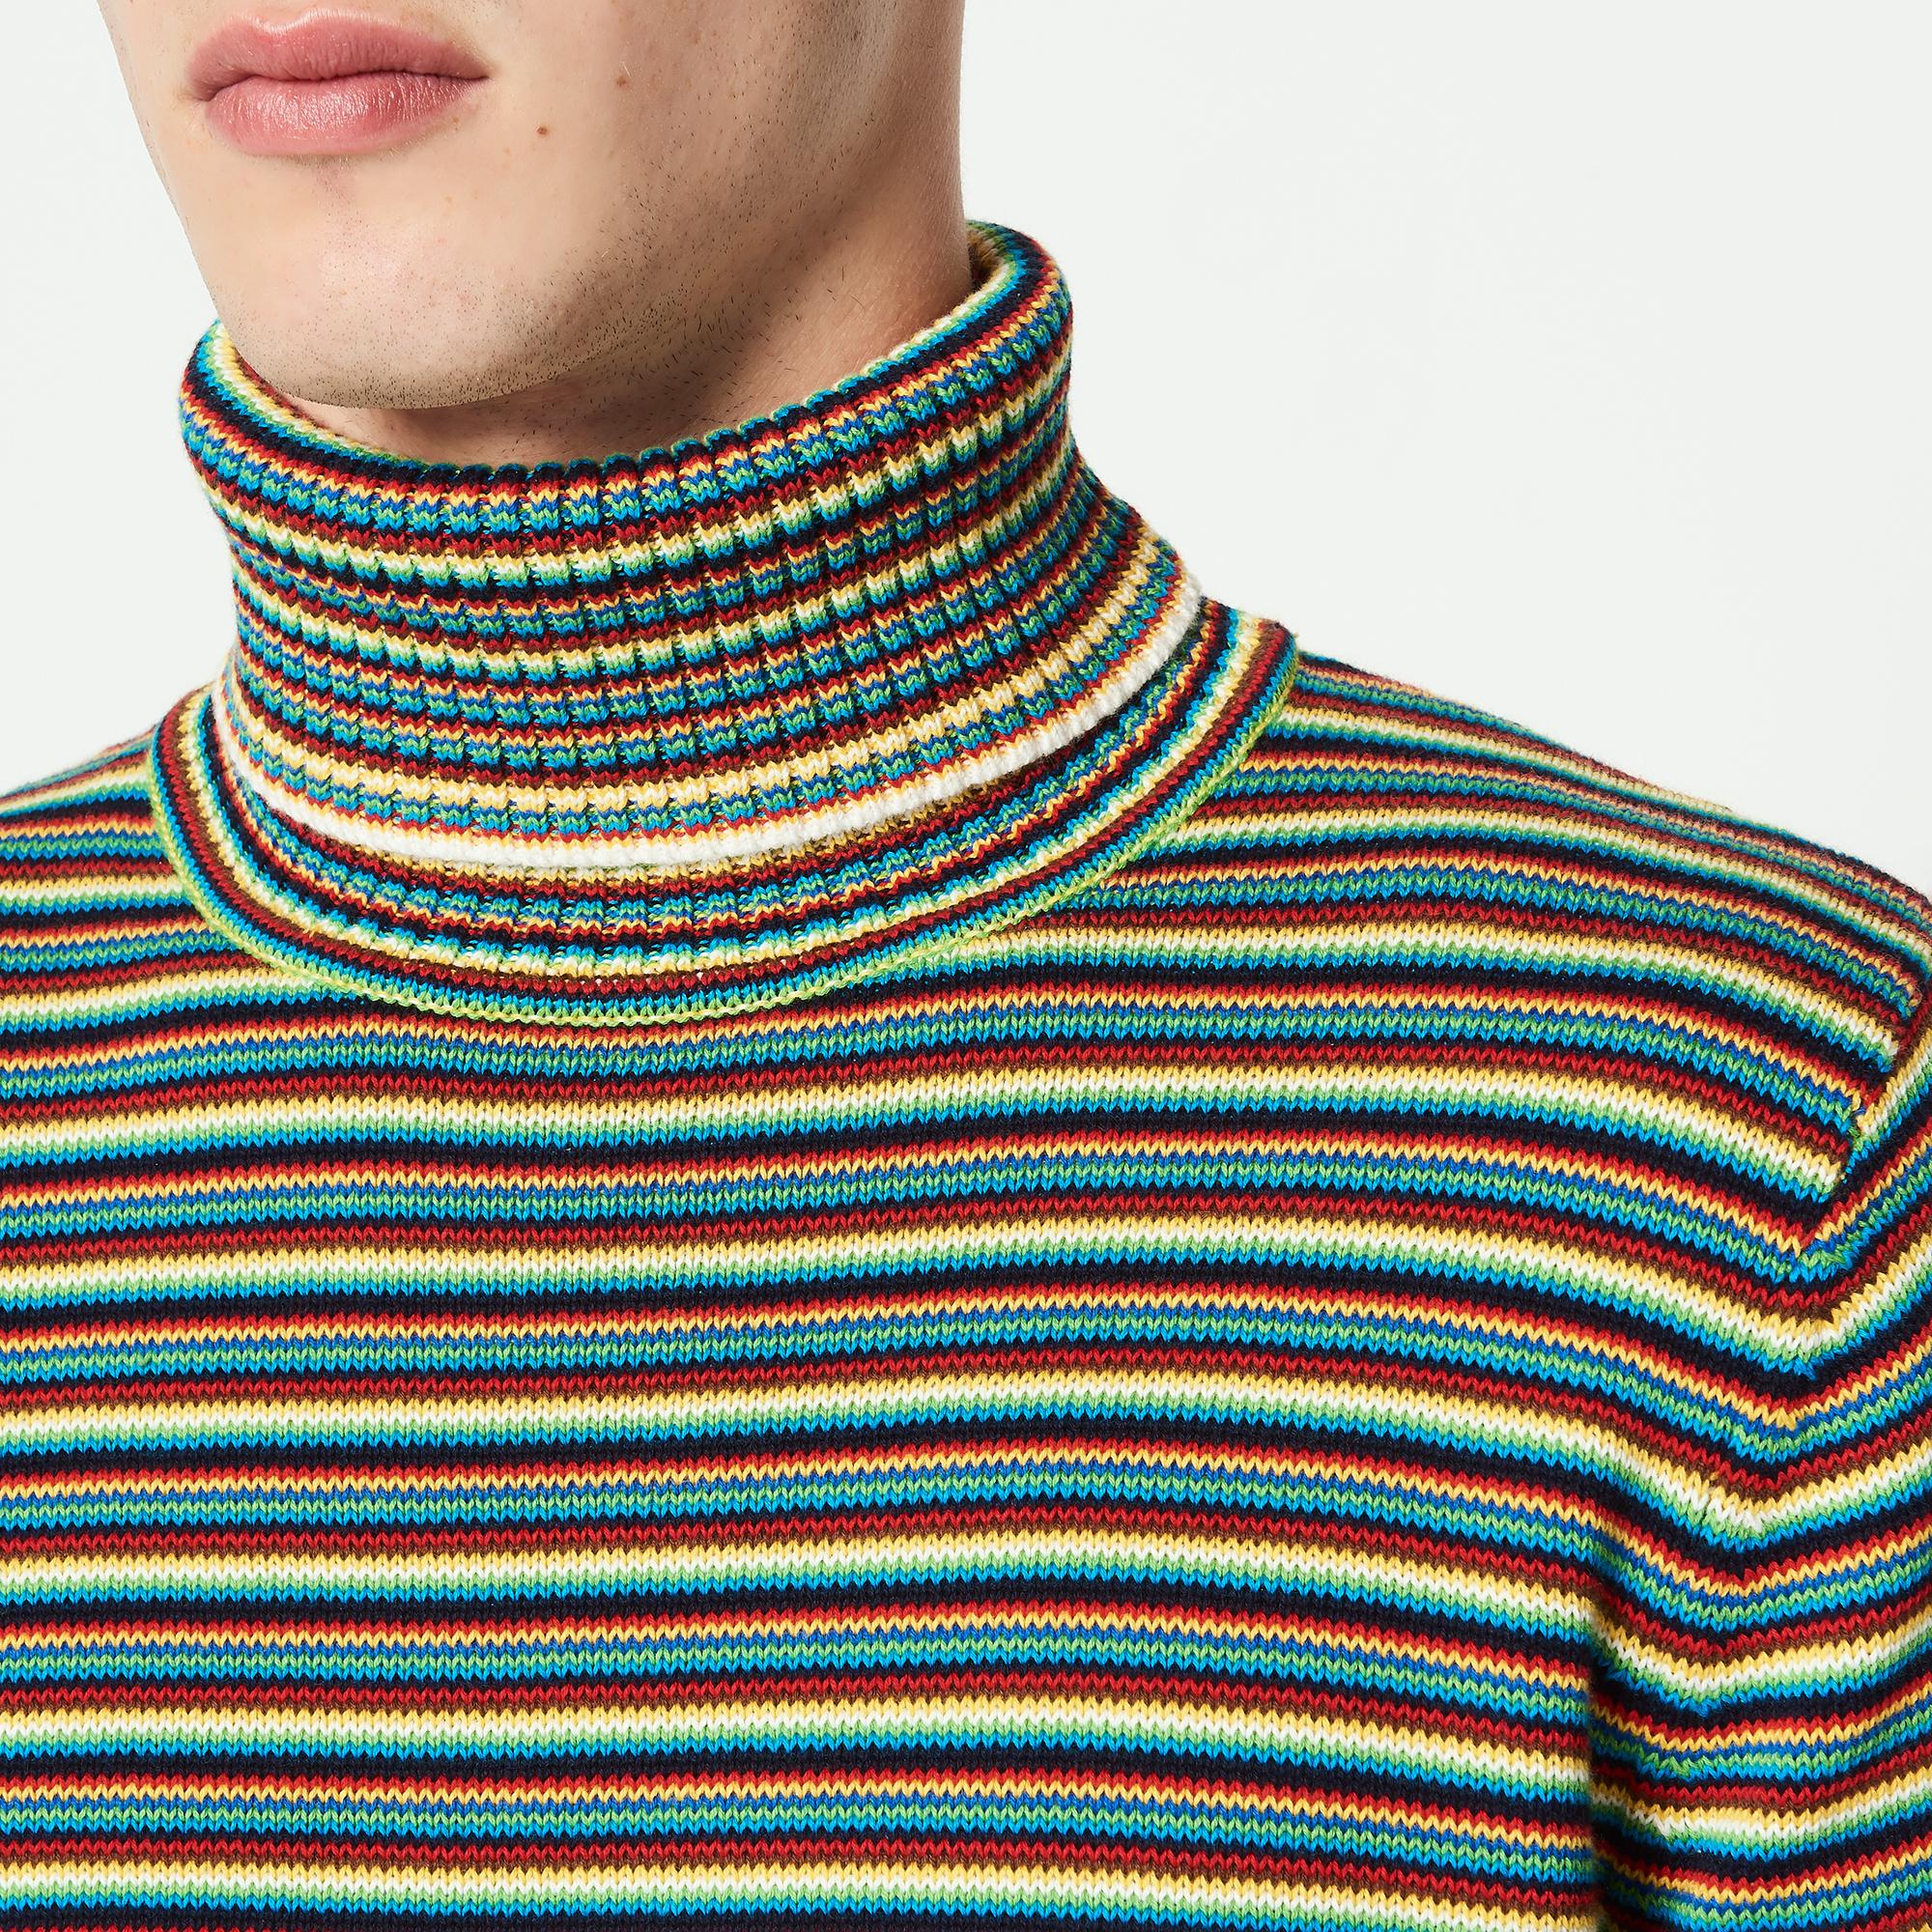 Pullover a collo alto multicolore : Sandro x Mr Porter colore Multicolore